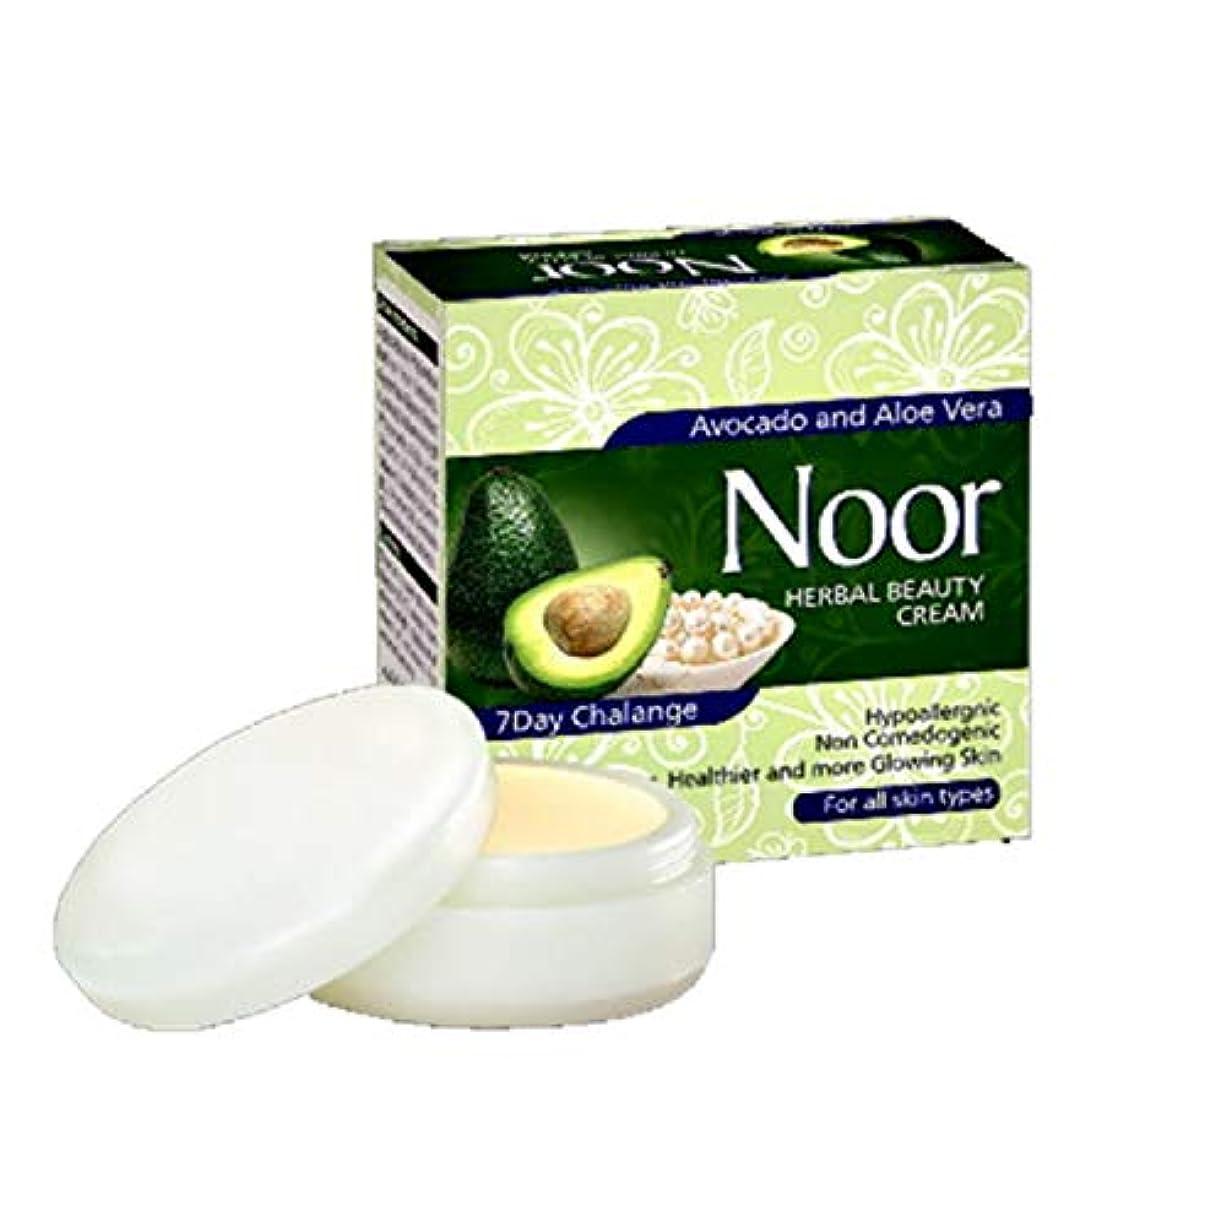 飛行機ランチョン乏しいNoor Herbal Beauty Cream Pimple, Spots Removing Anti ageing 2 PC